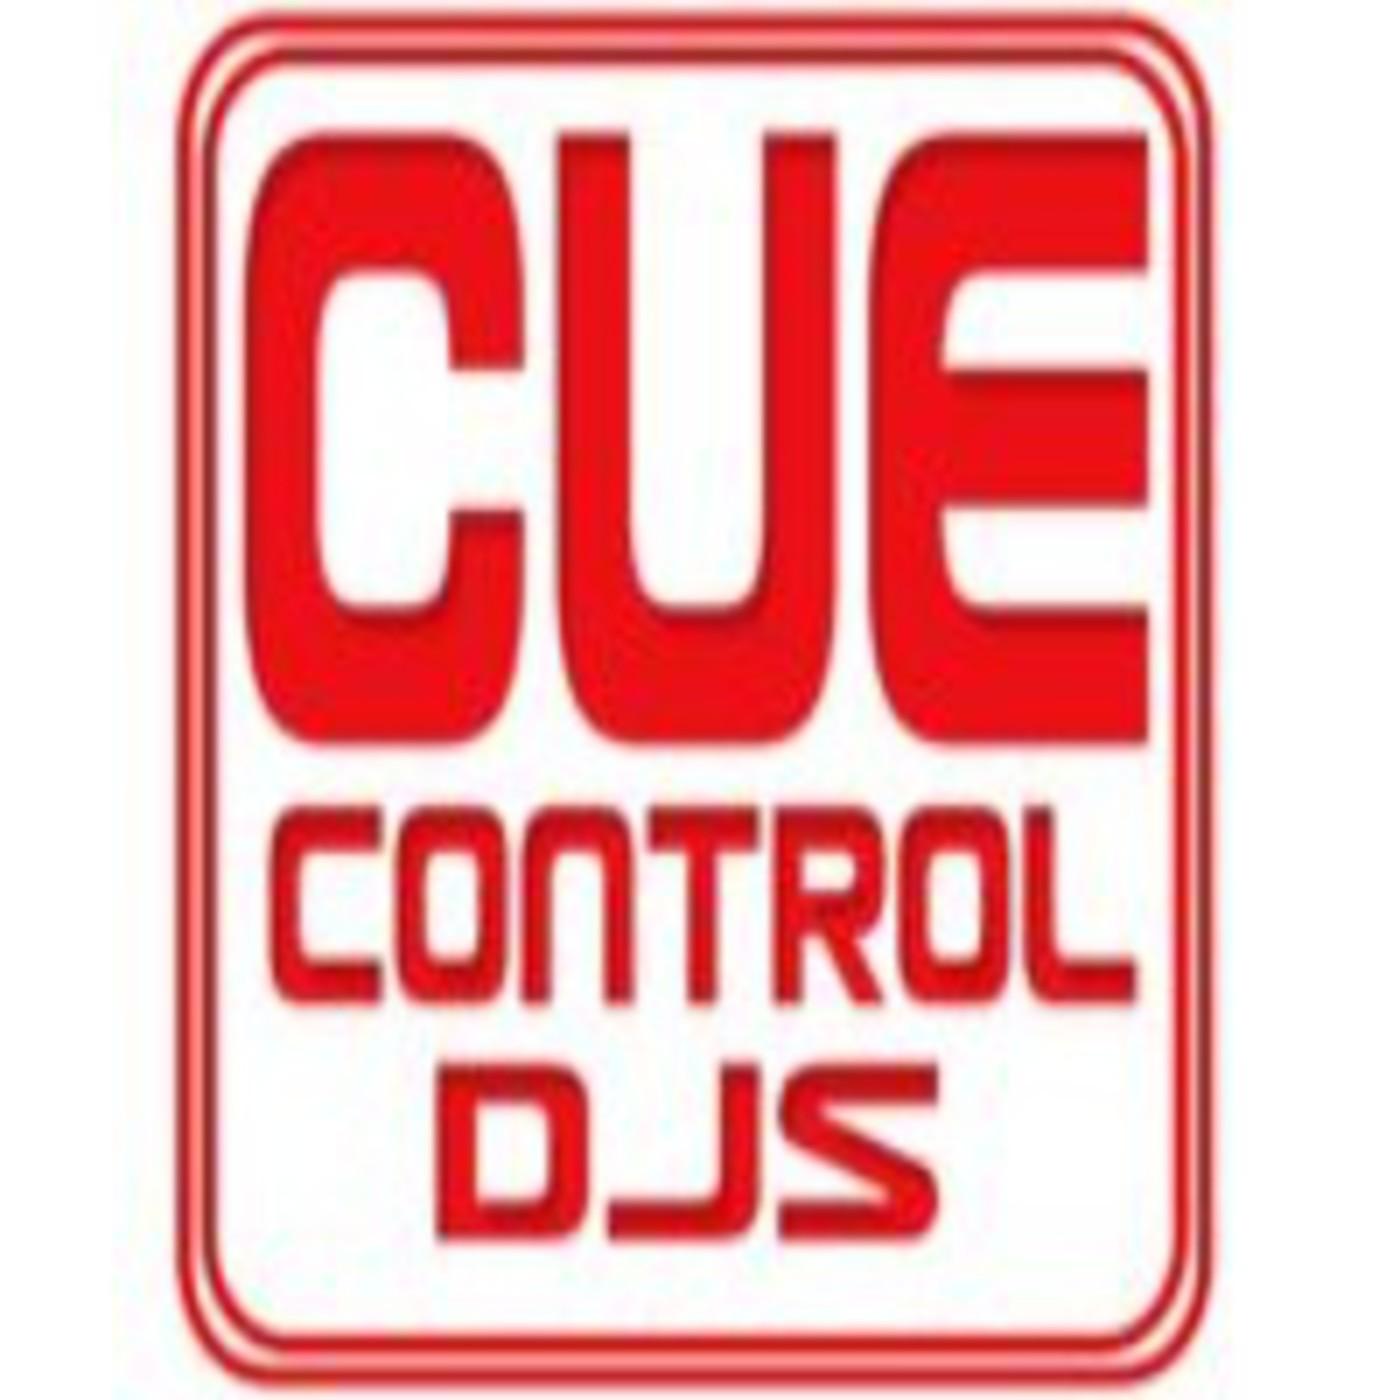 SESSIONES CUE CONTROL DJS